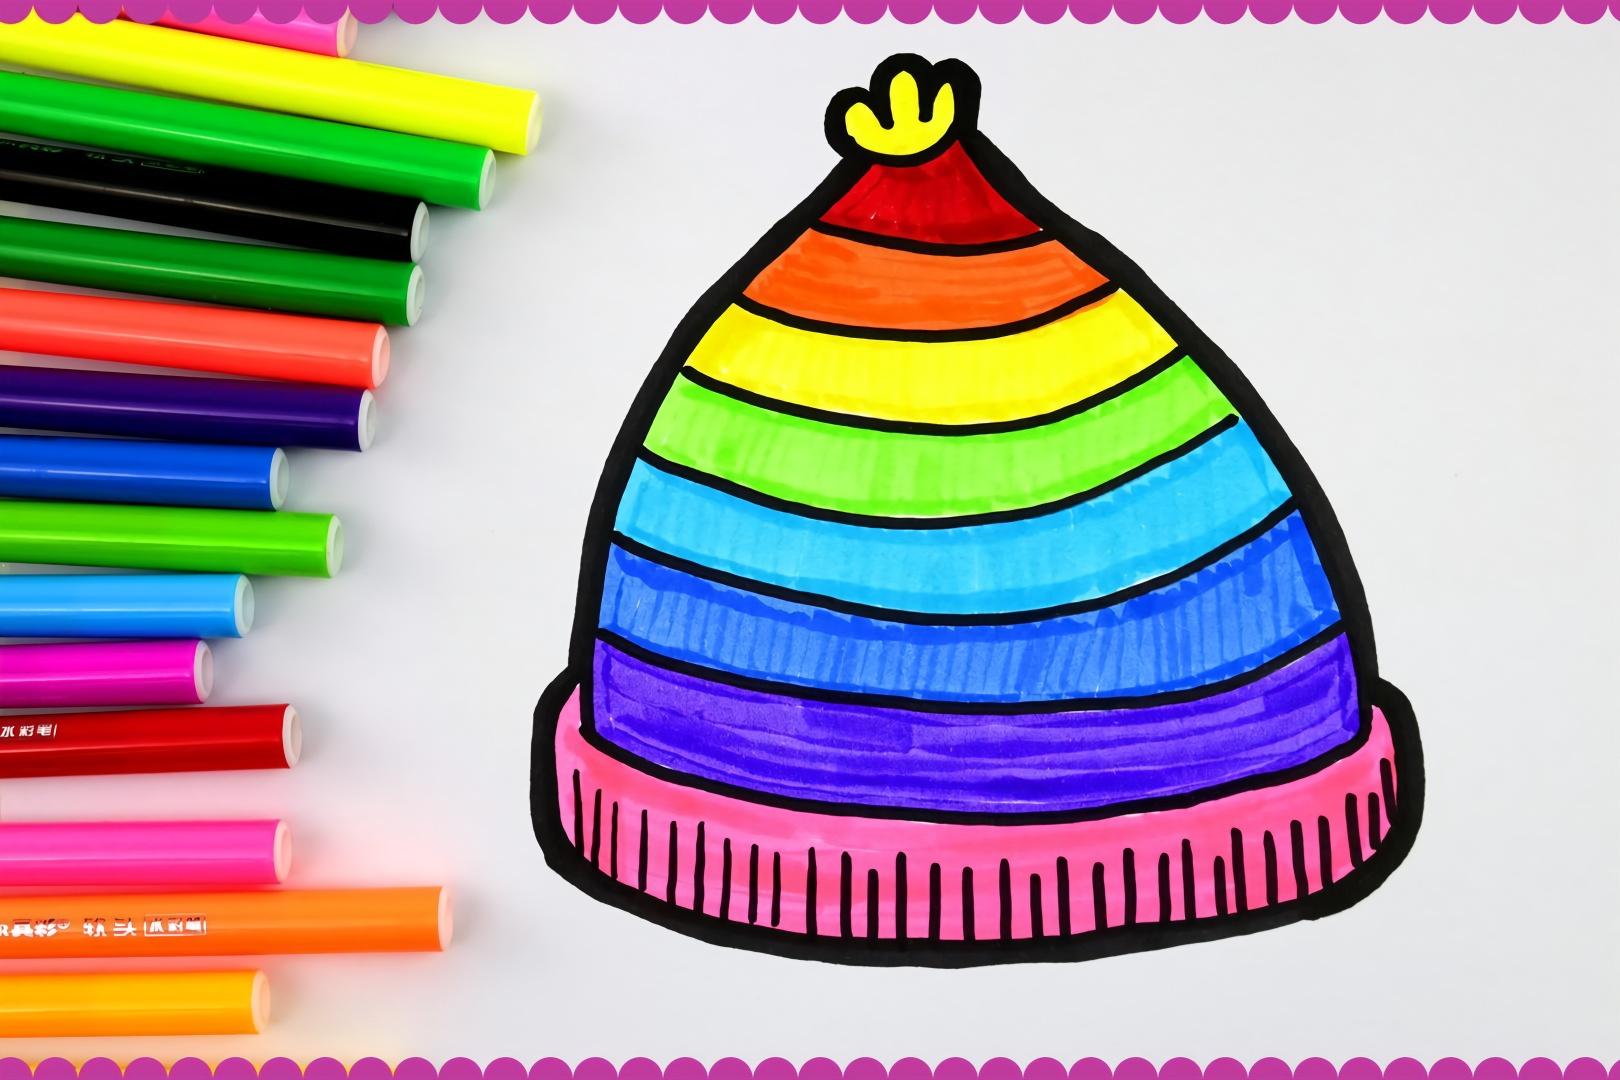 漂亮的彩虹帽幼儿简笔画,宝宝最爱的涂色画!